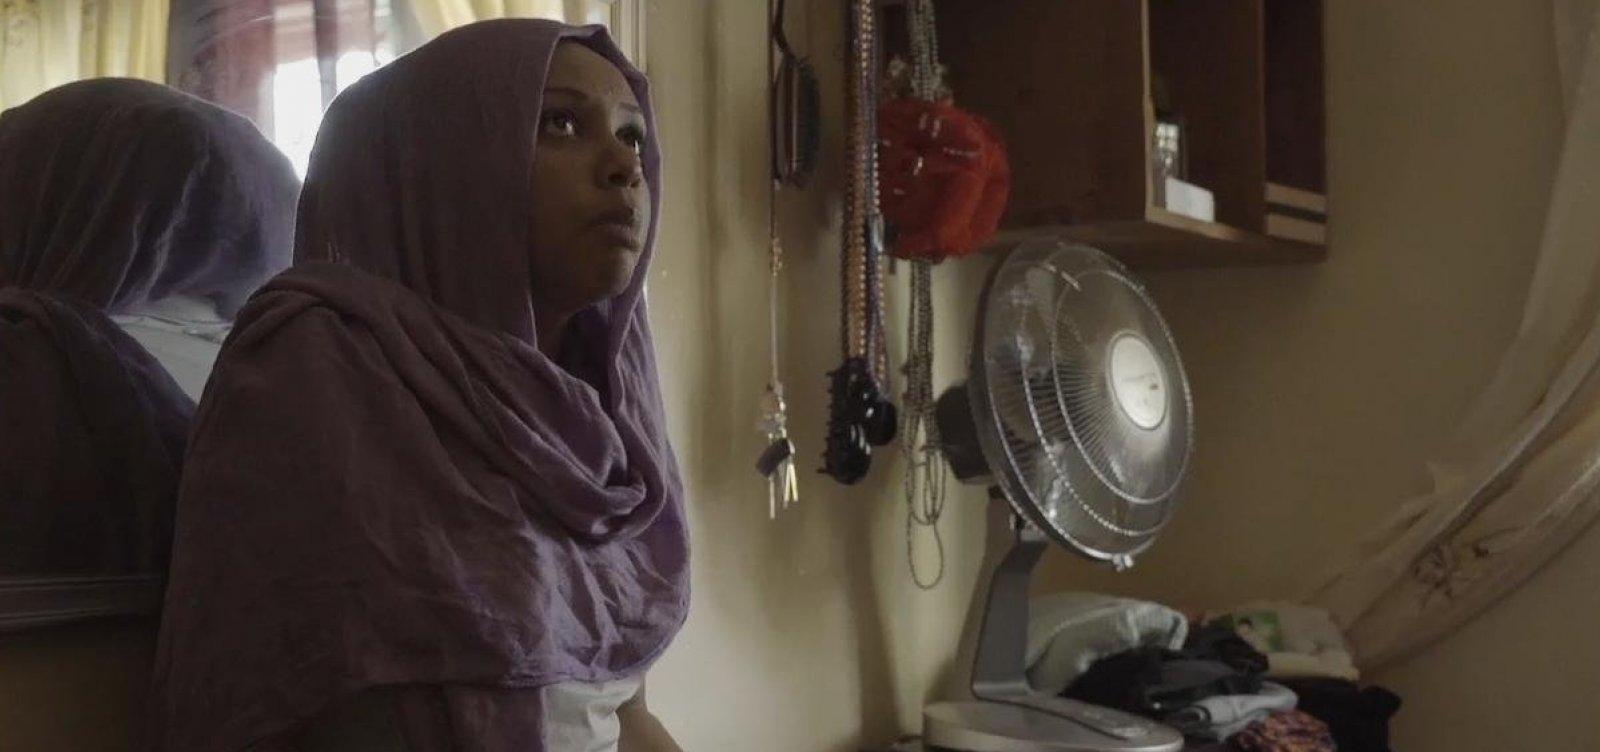 Mostra Espelhos d'África destaca filmes produzidos no continente